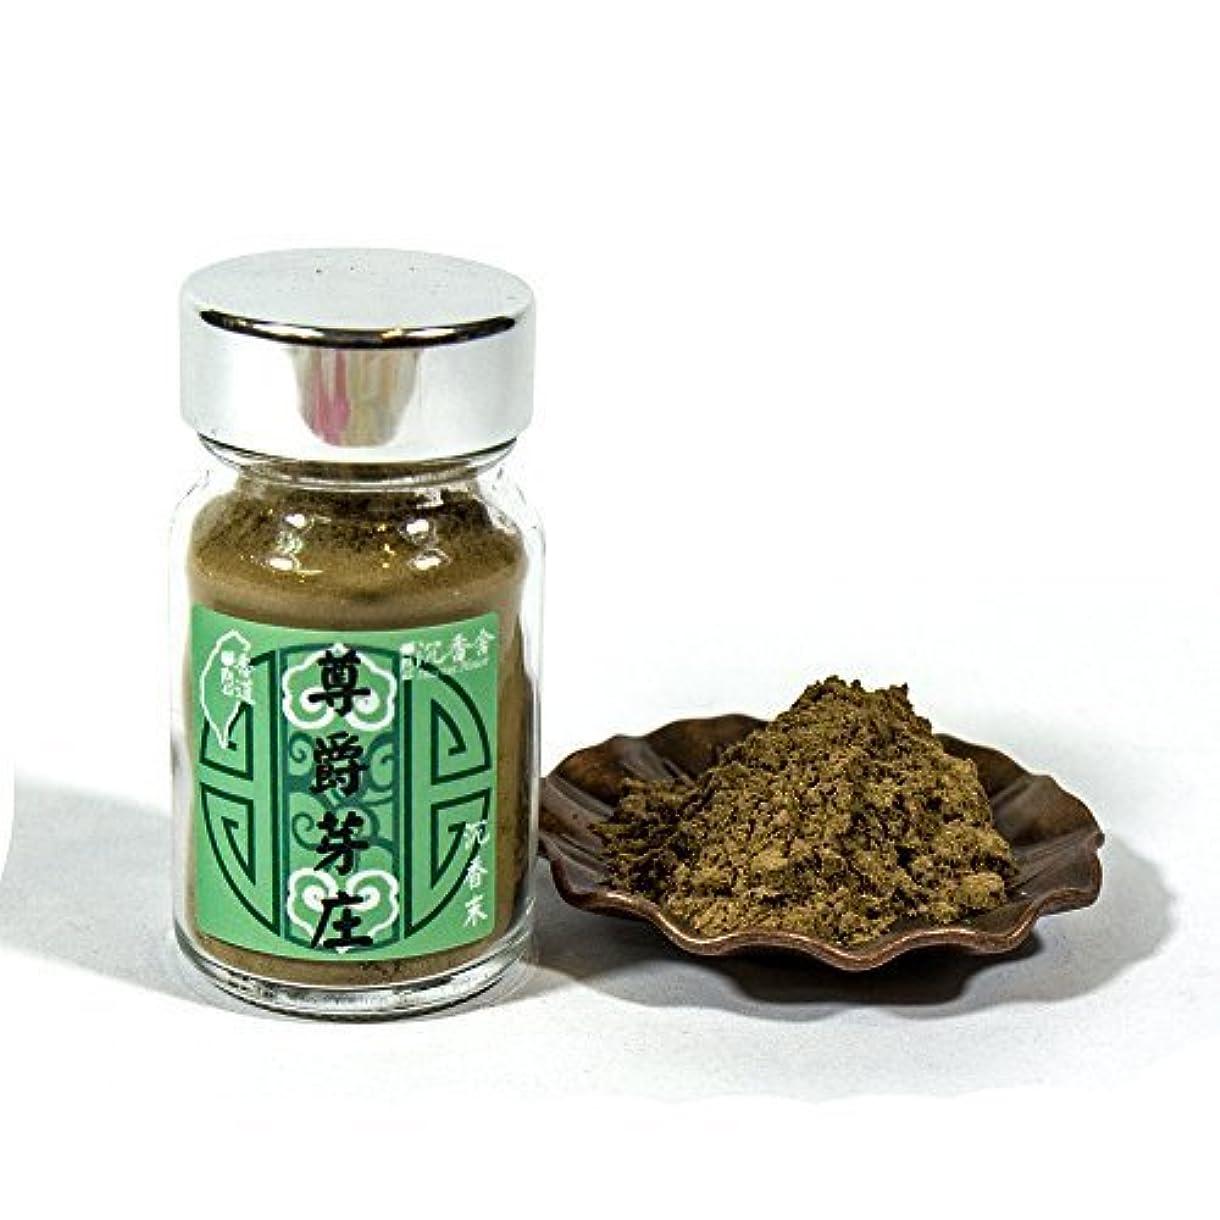 メンテナンス役員メーカーAgarwood Aloeswood Top Grade Old Stock NhaTrang Chen Xiang Incense Powder 10g by IncenseHouse - Raw Material [...